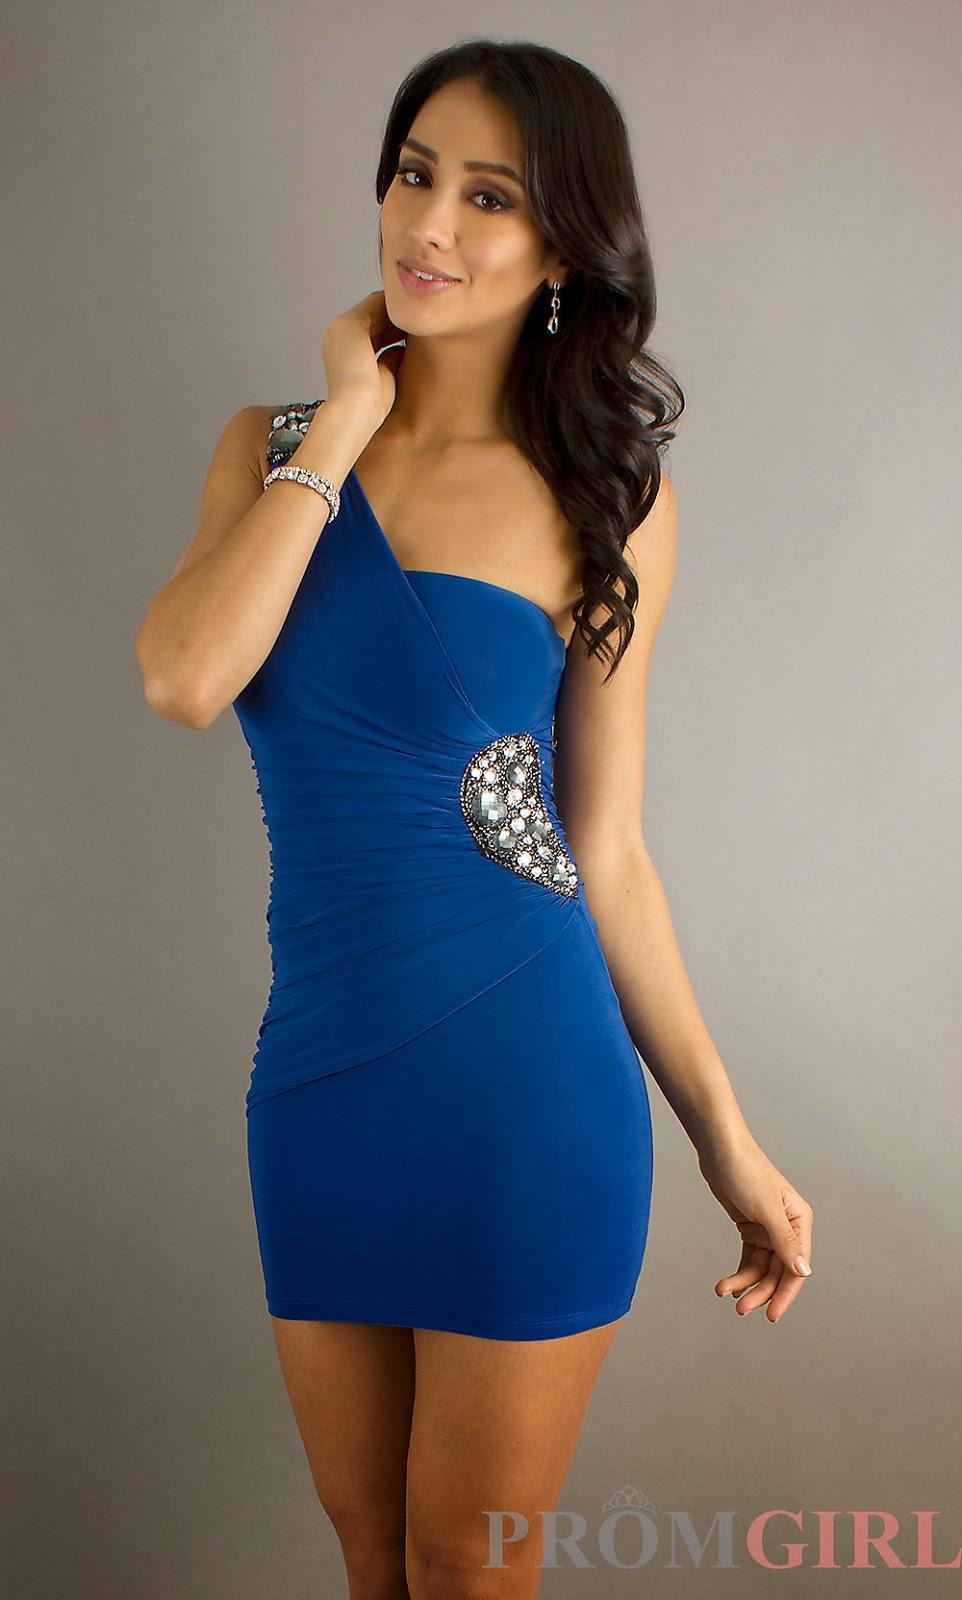 Imagenes de vestidos cortos para mujeres